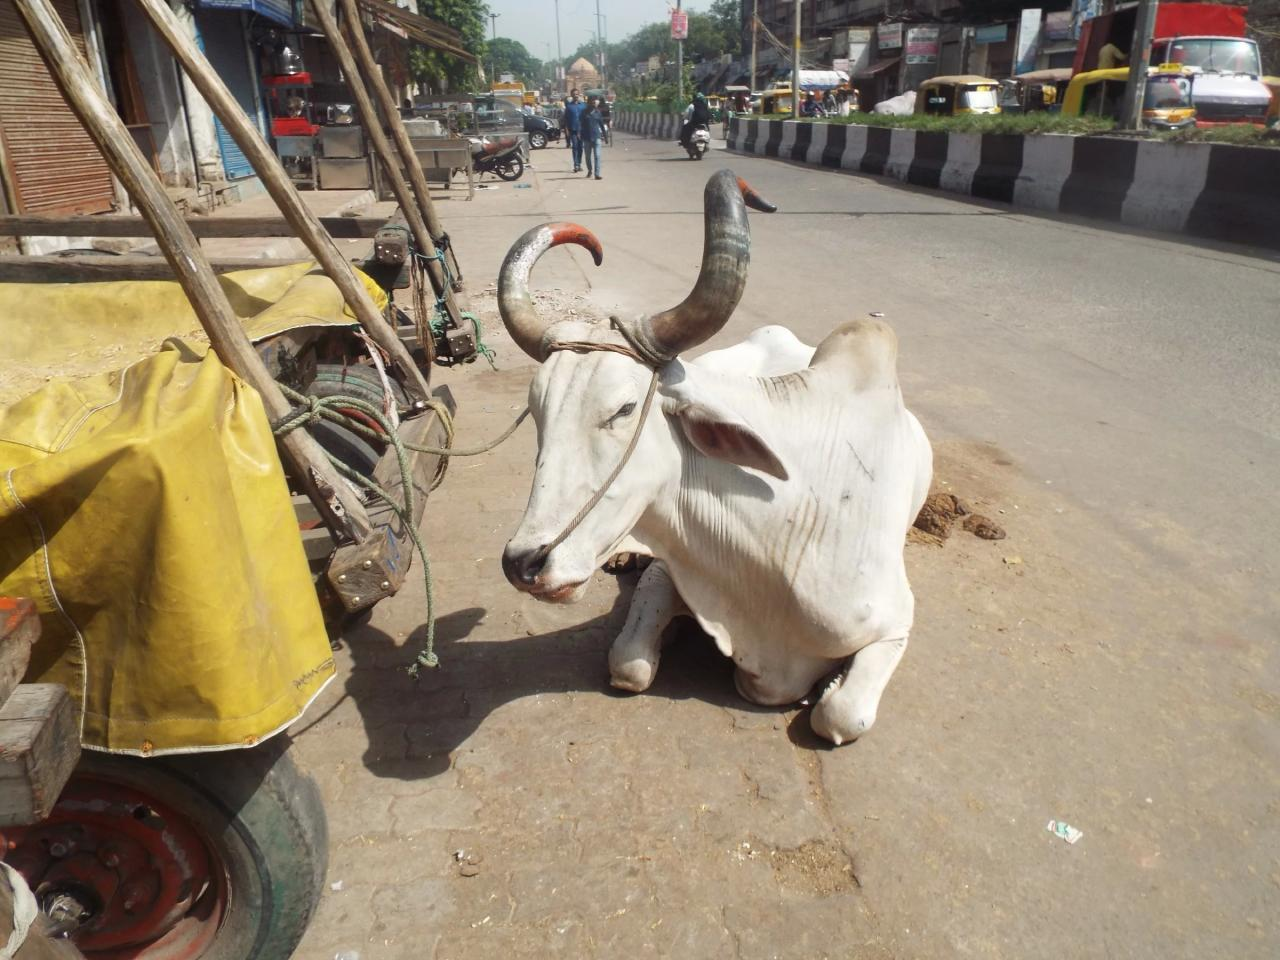 Правда ли, что в Индии нельзя убивать коров?